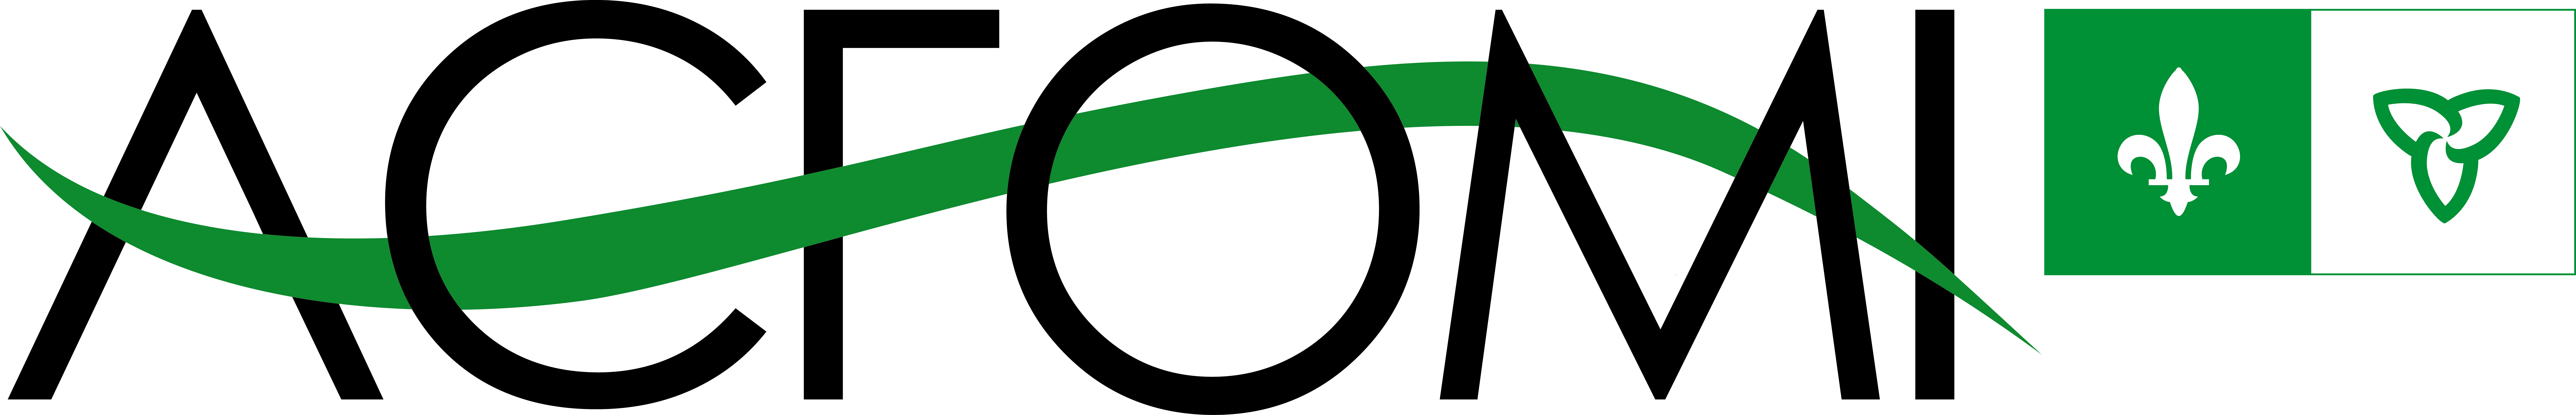 Association canadienne-française de l'Ontario - Conseil régional des Mille-Îles